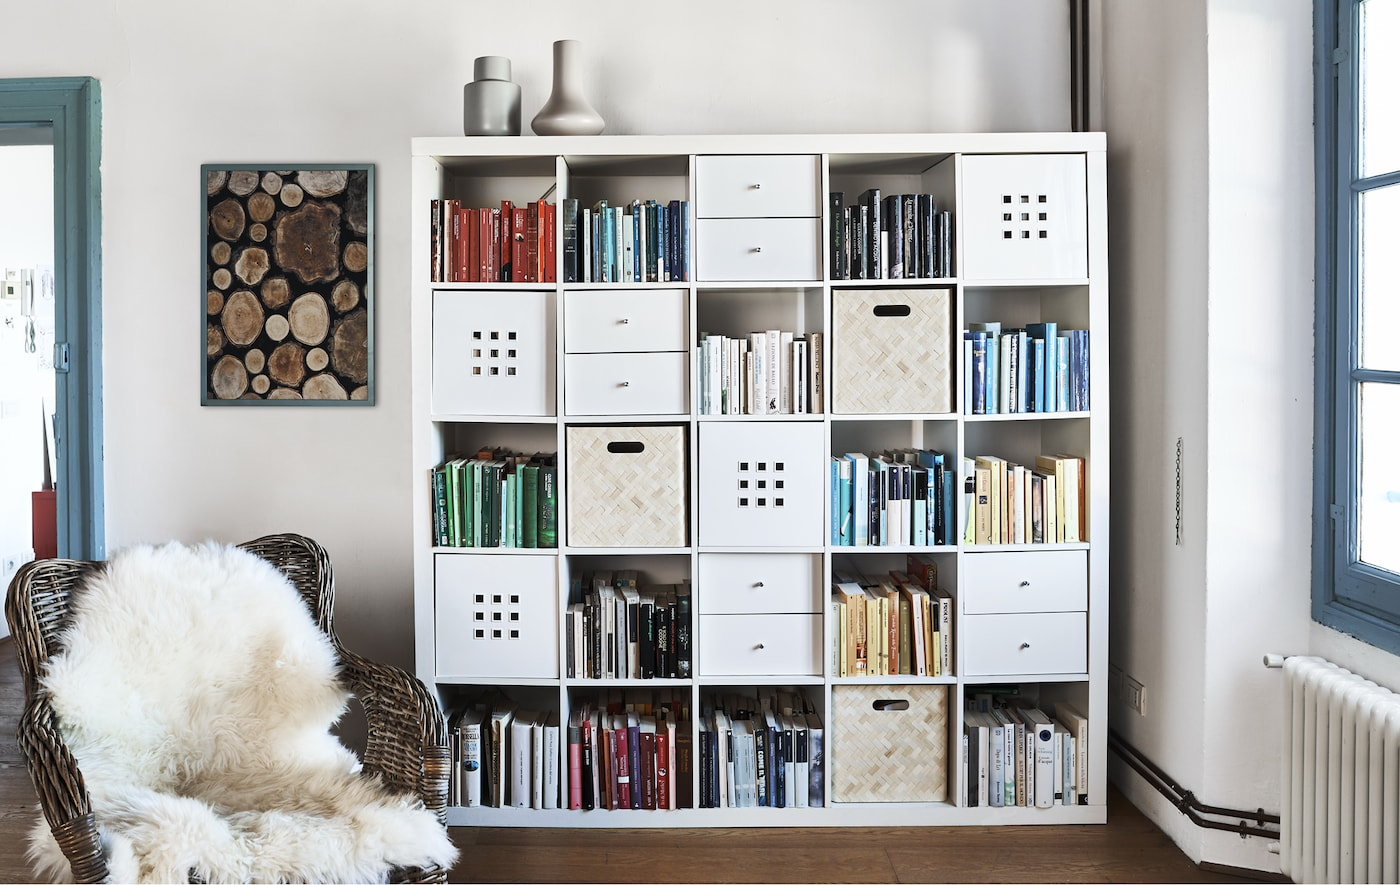 Individuelle Kuchengestaltung 3 Tipps Fur Mehr Stil Ikea Deutschland